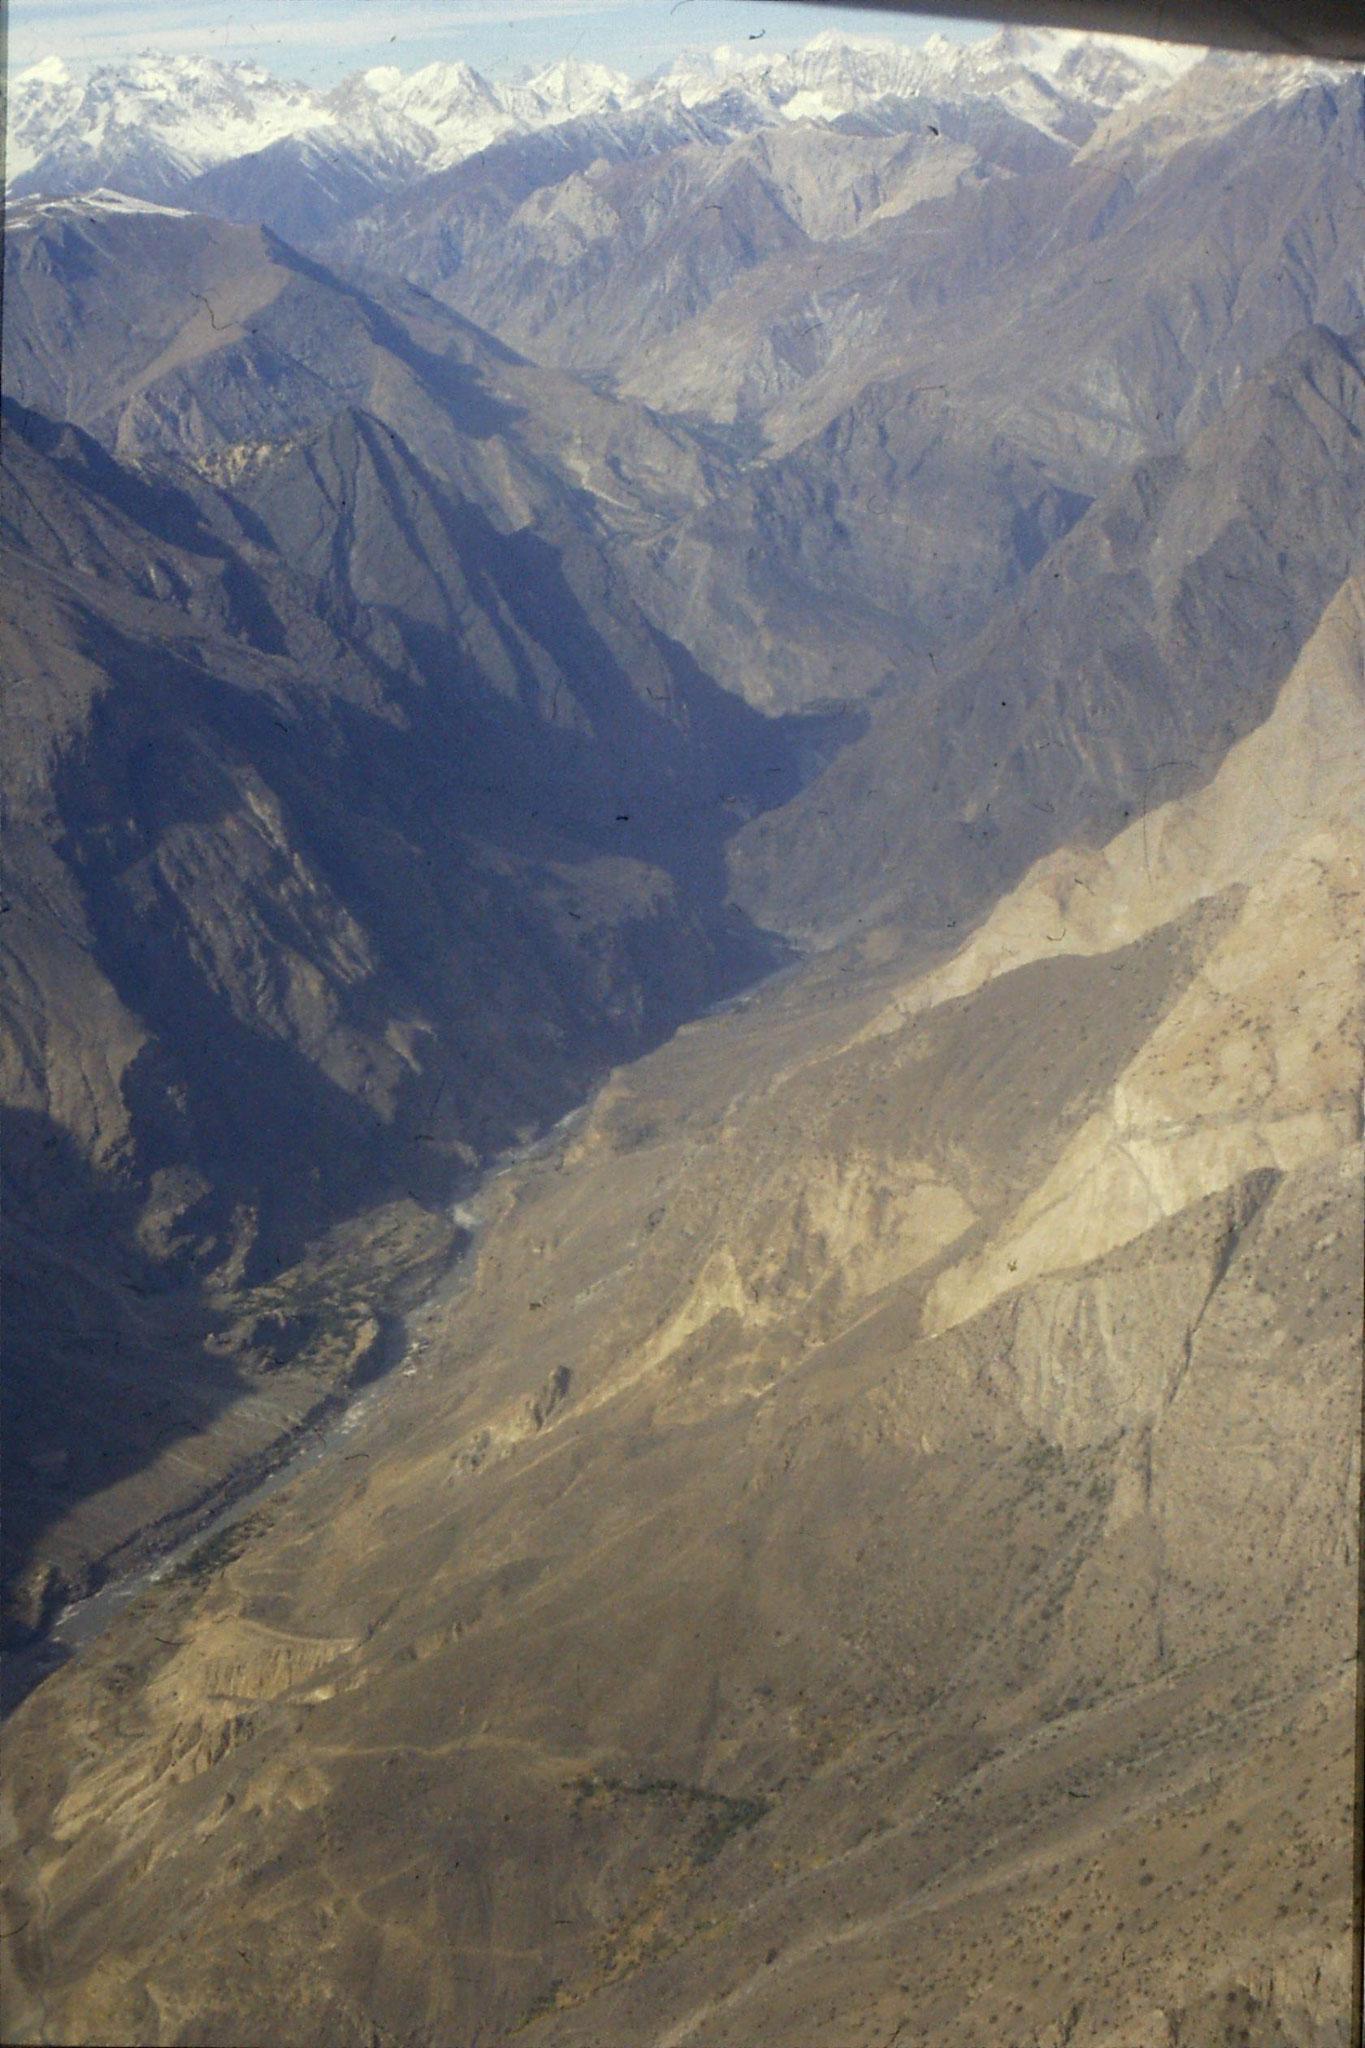 22/10/1989: 17: Indus valley